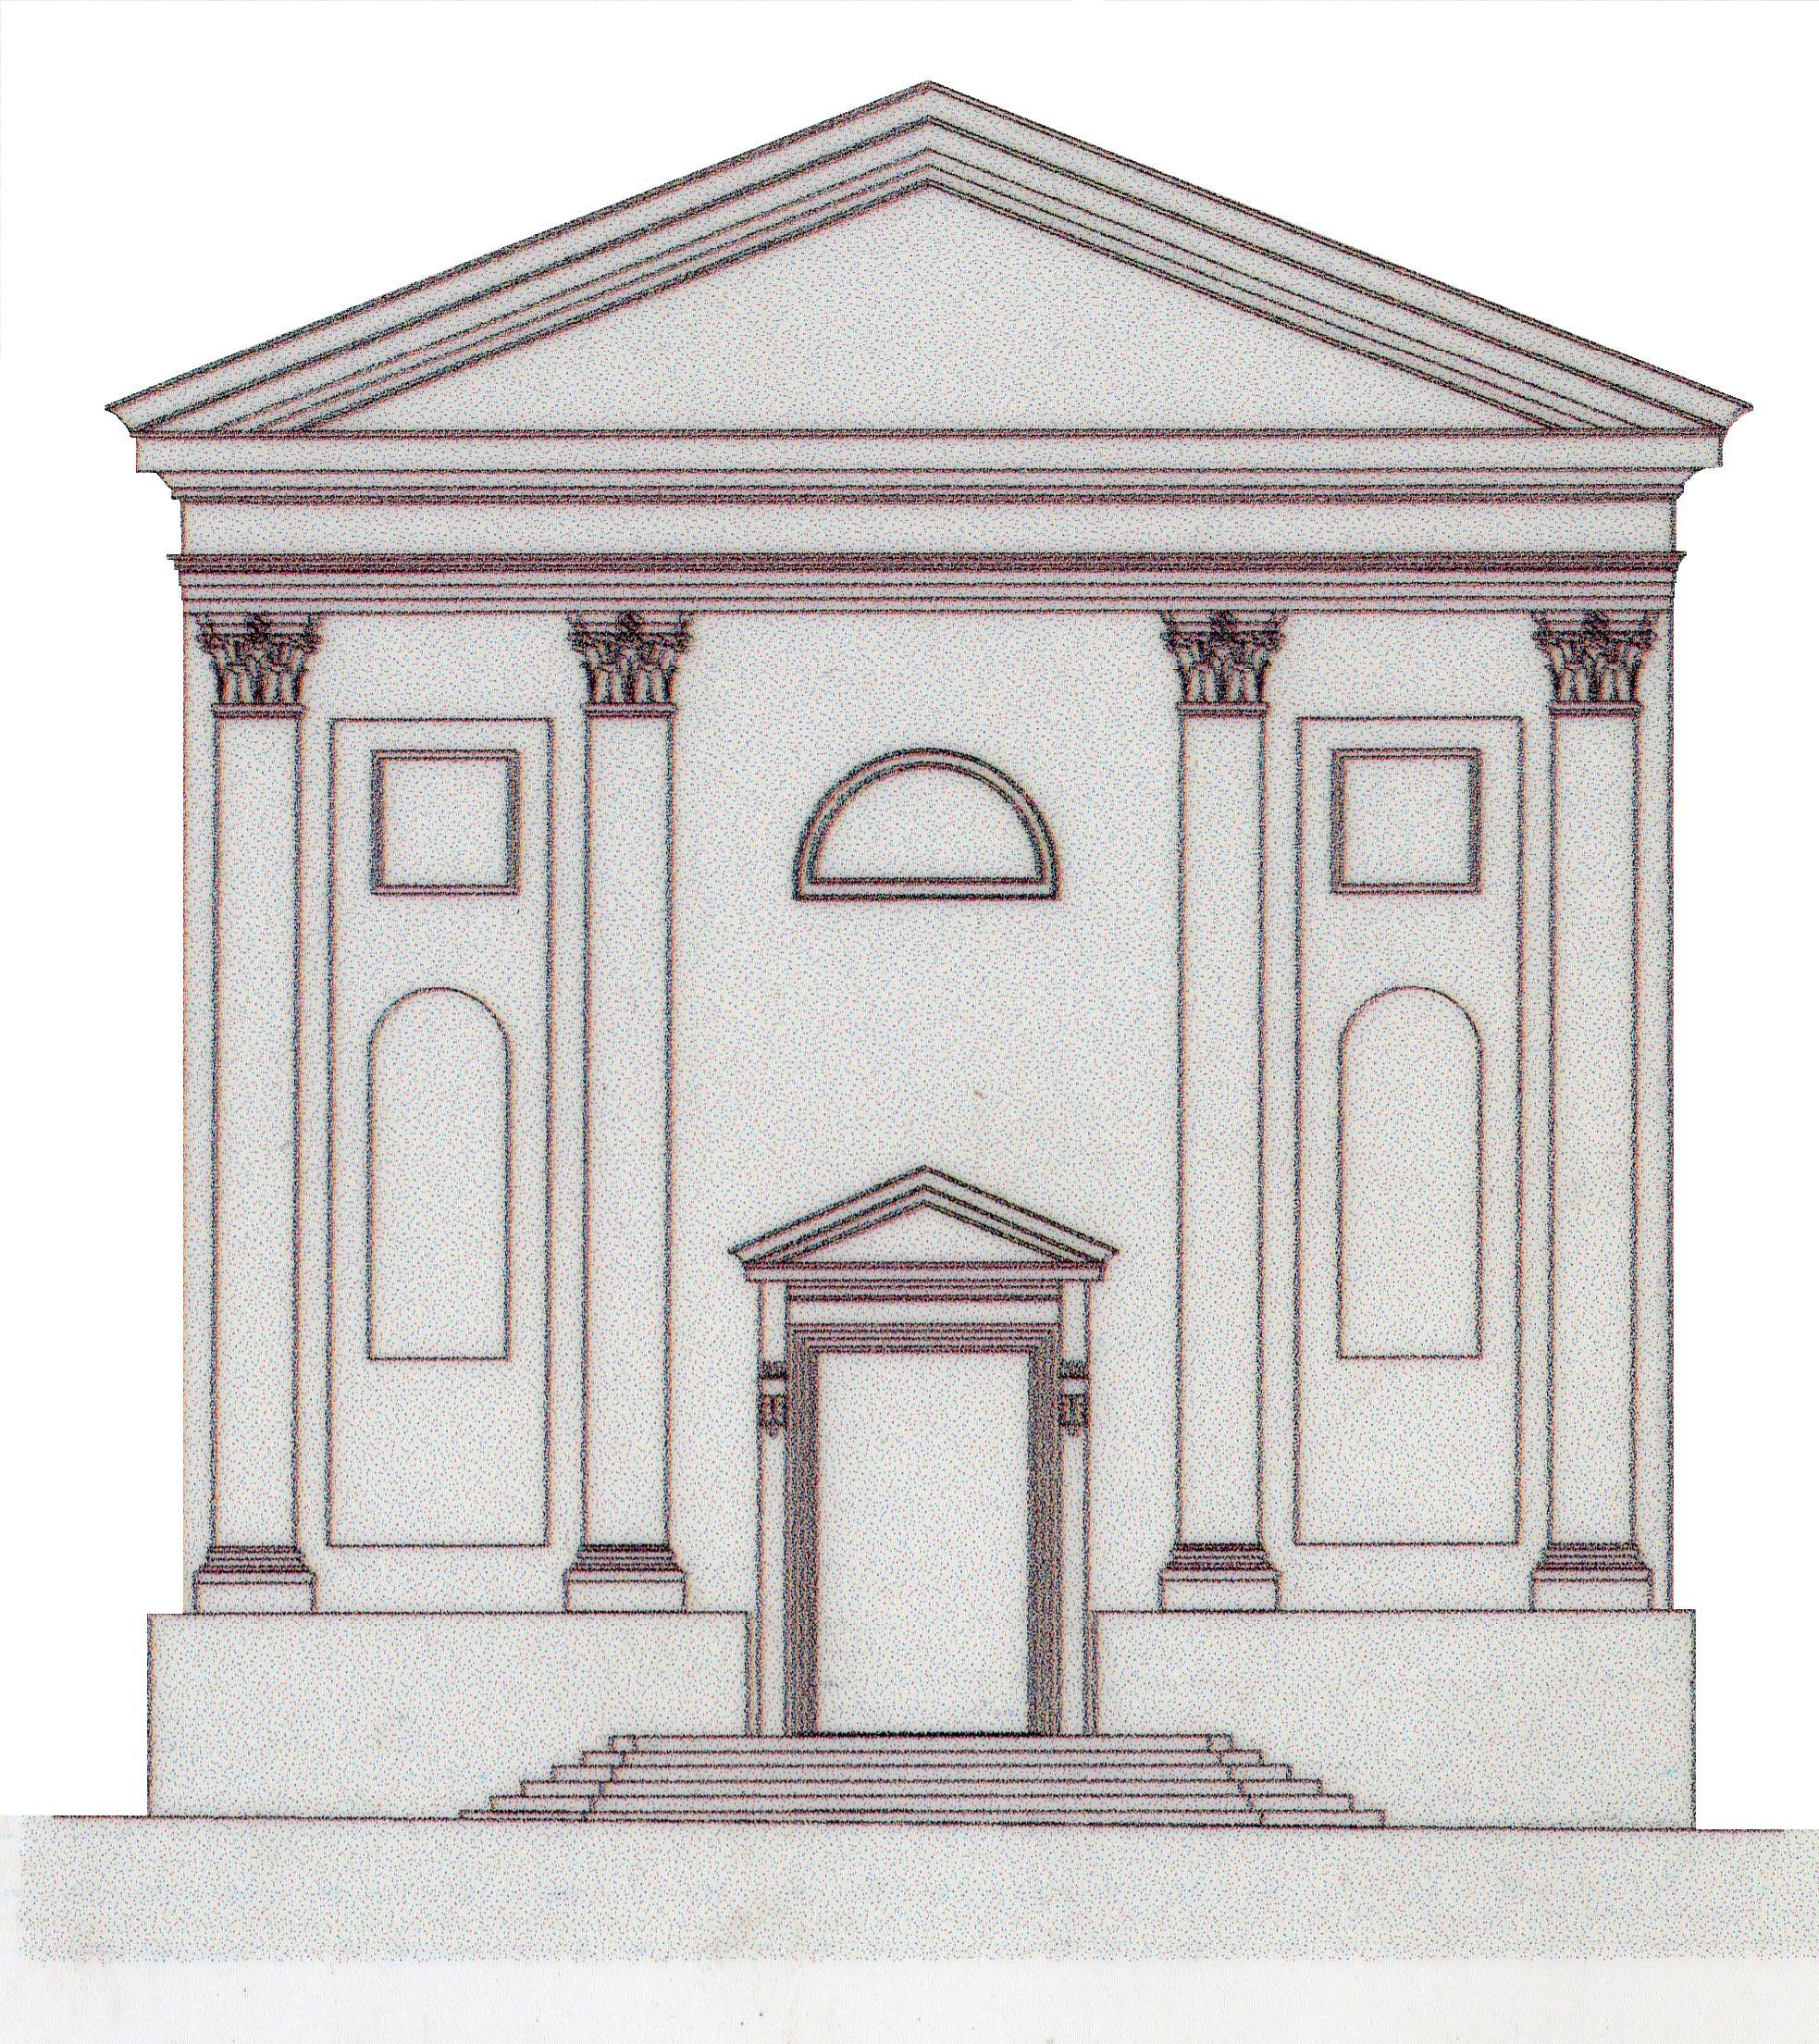 Prospetto di una chiesa dubbio blender help for Posso permettermi di costruire una nuova casa